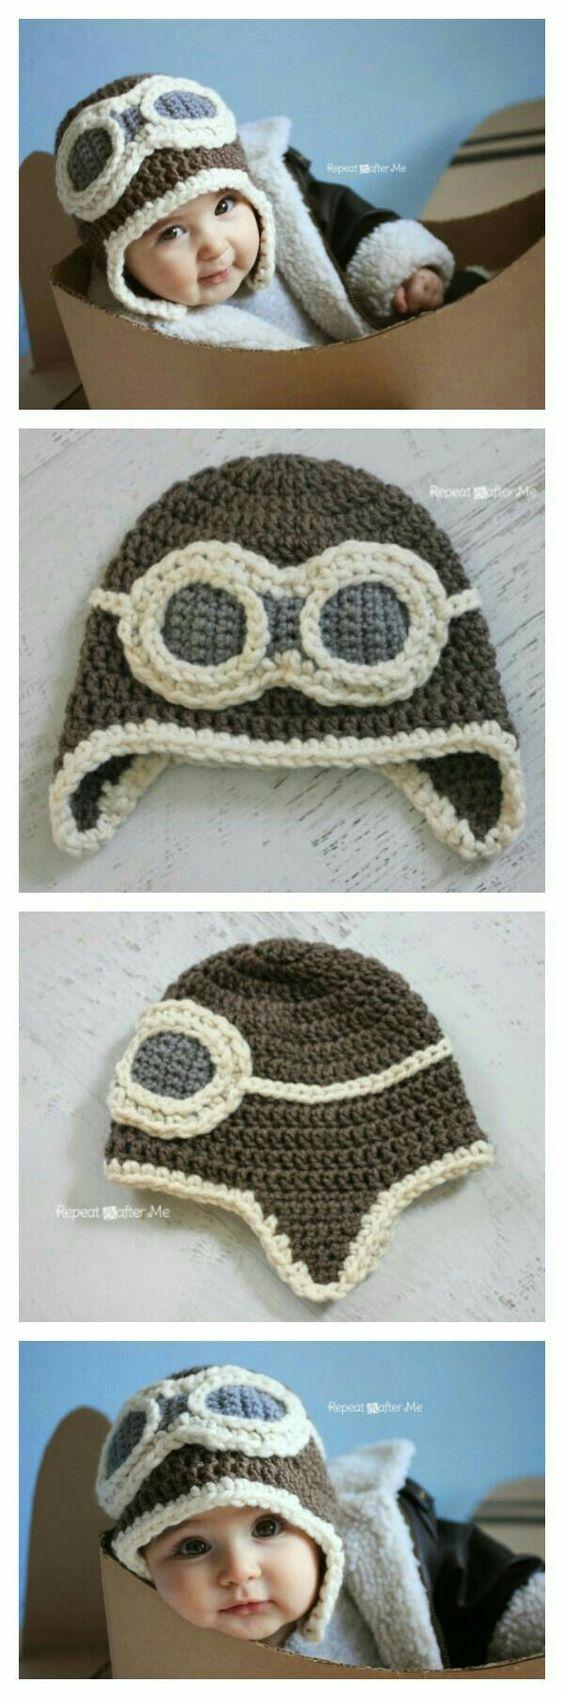 örgü şapkalar (4)